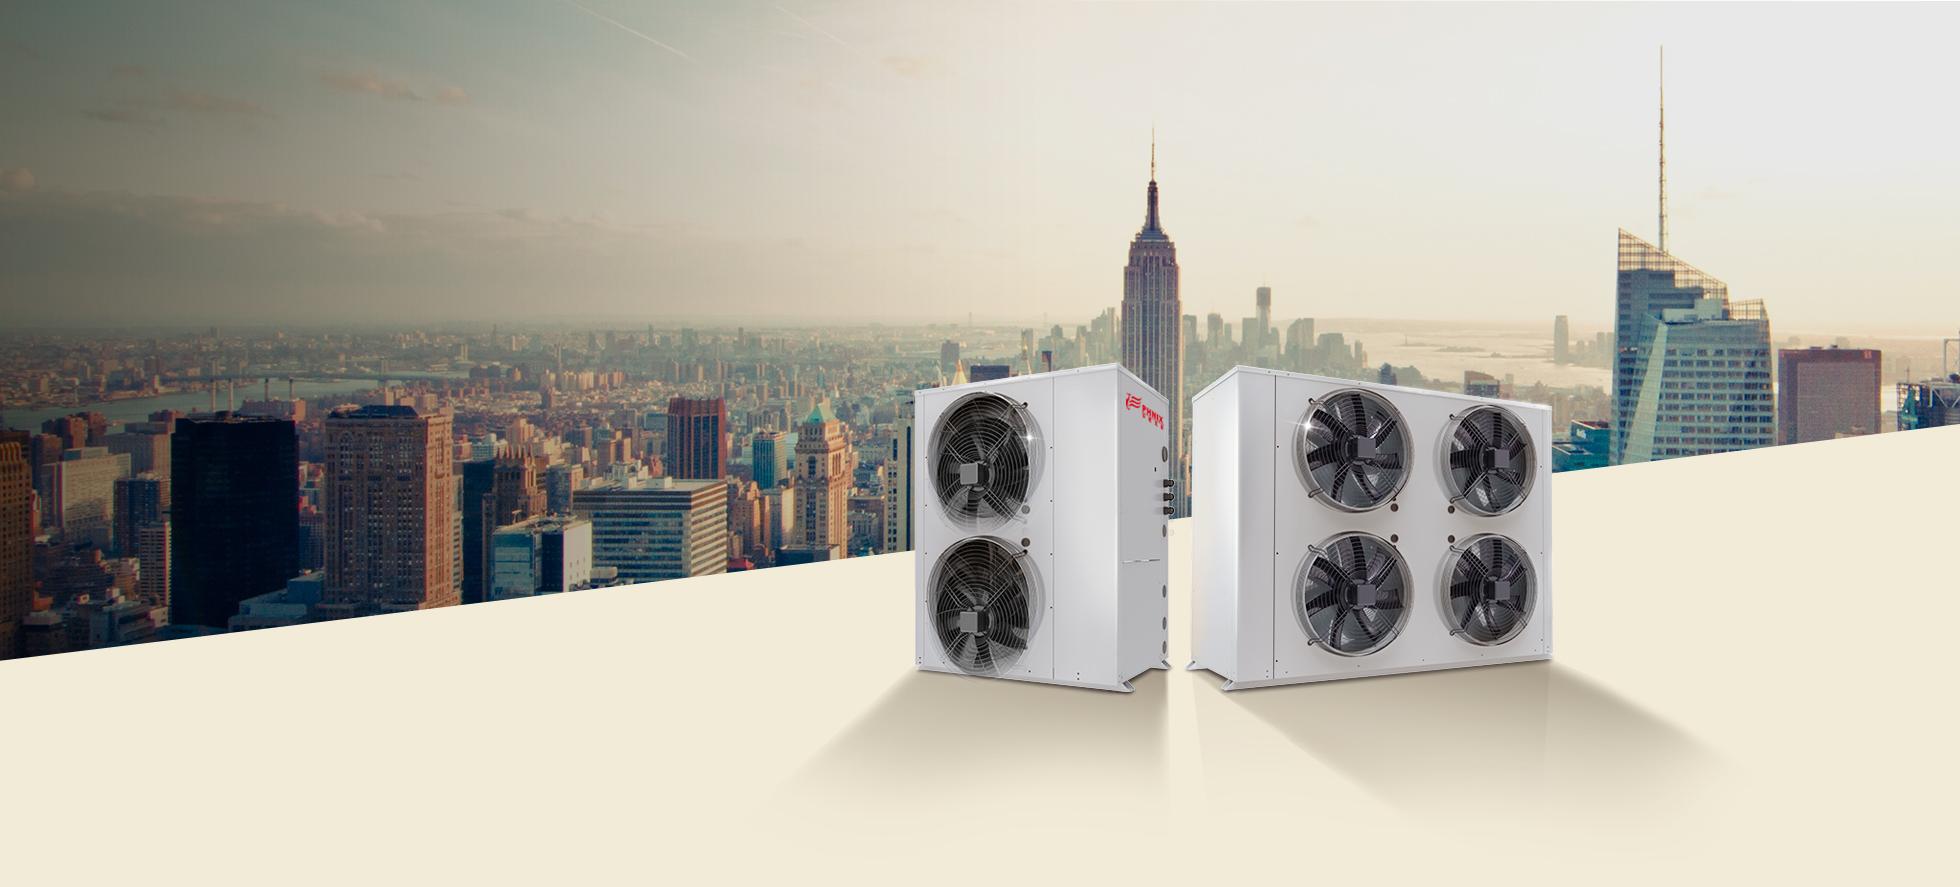 PHNIX循环式空气能热水器是一款专门解决宾馆,酒店,学校宿舍等需集中供热水场所的高性价比空气能热水器机组,非常适合锅炉改造热水工程和校园BOT热水工程集中运用